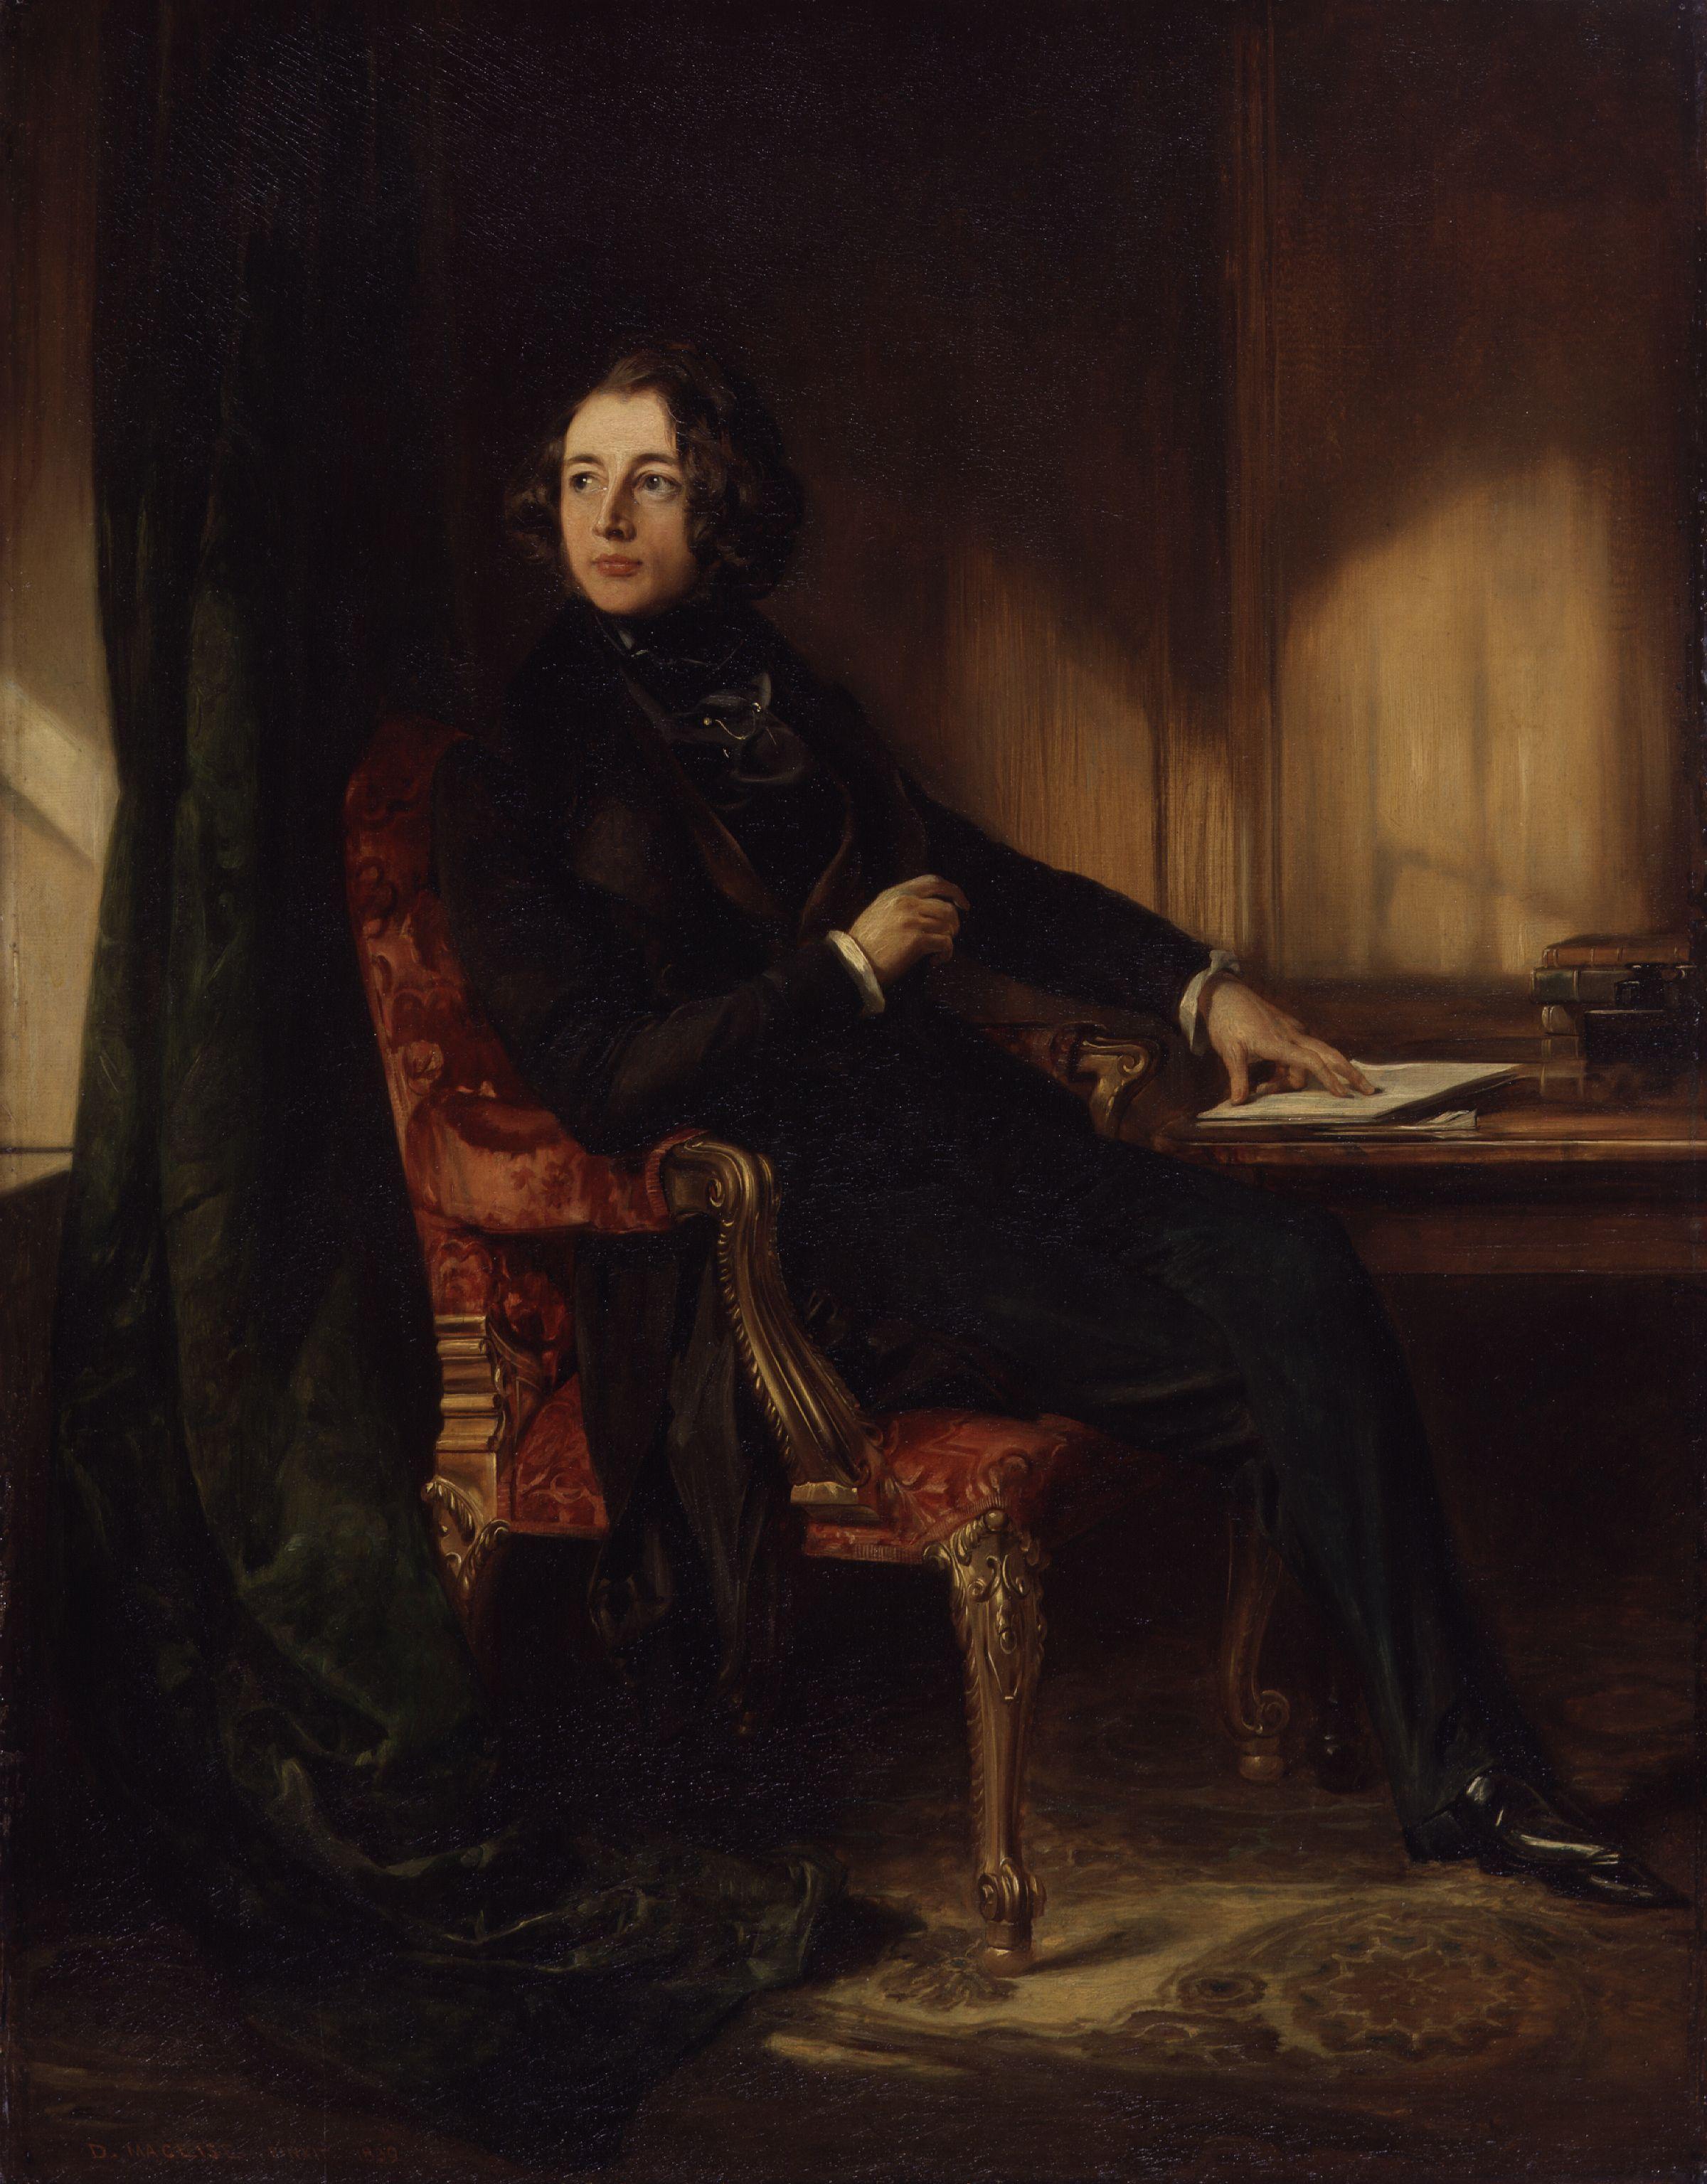 Charles Dickens by Daniel Maclise.jpg